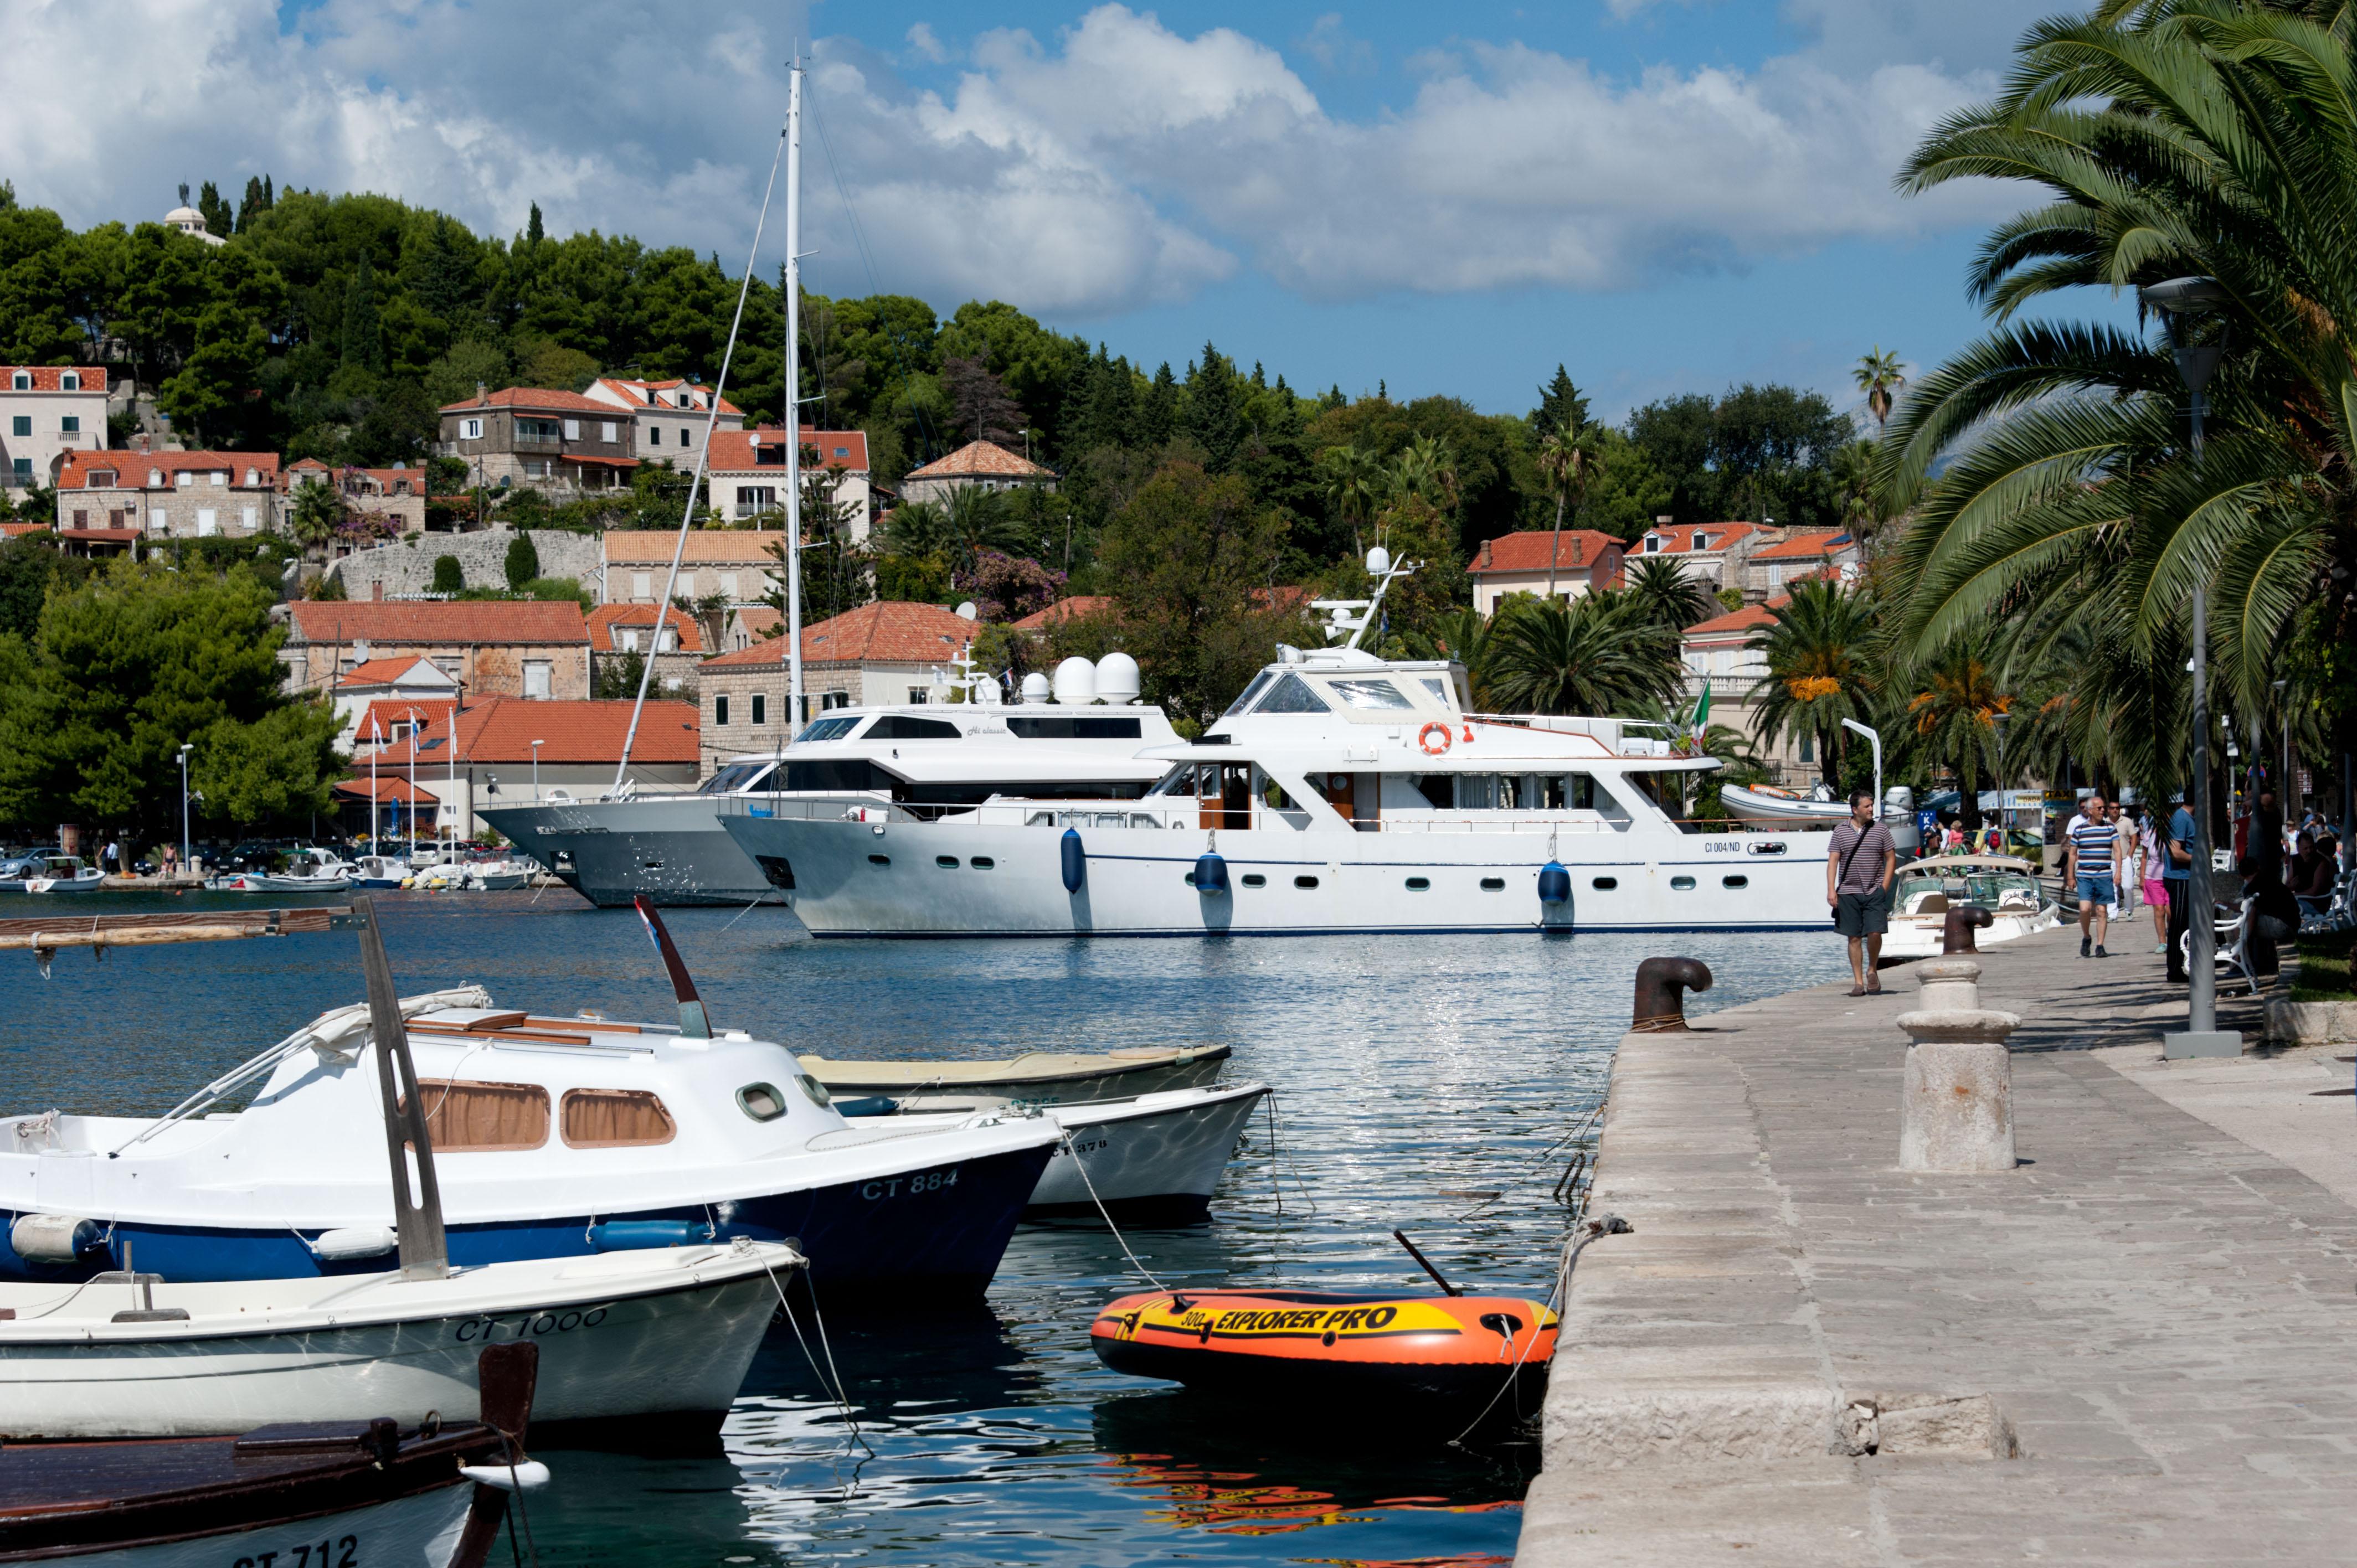 0181-Cavtat (Sud Dalmatie)